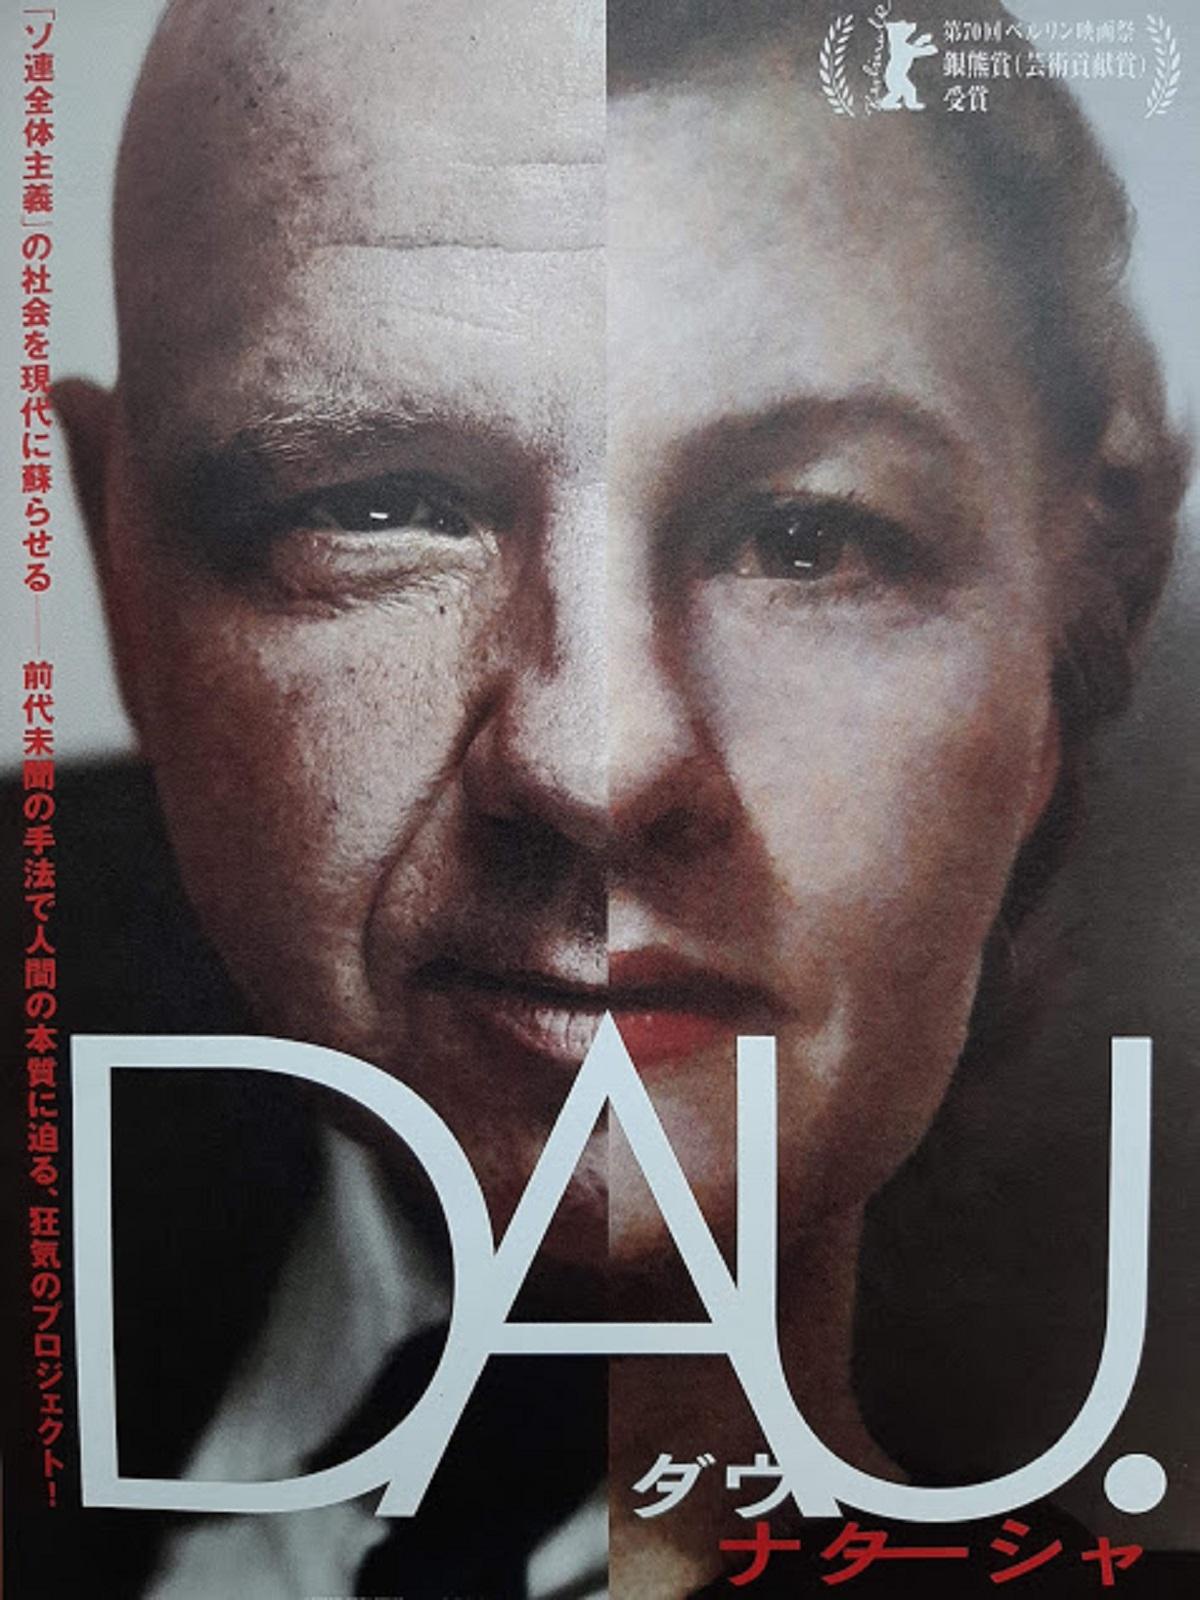 映画『DAU.ナターシャ』ポスター